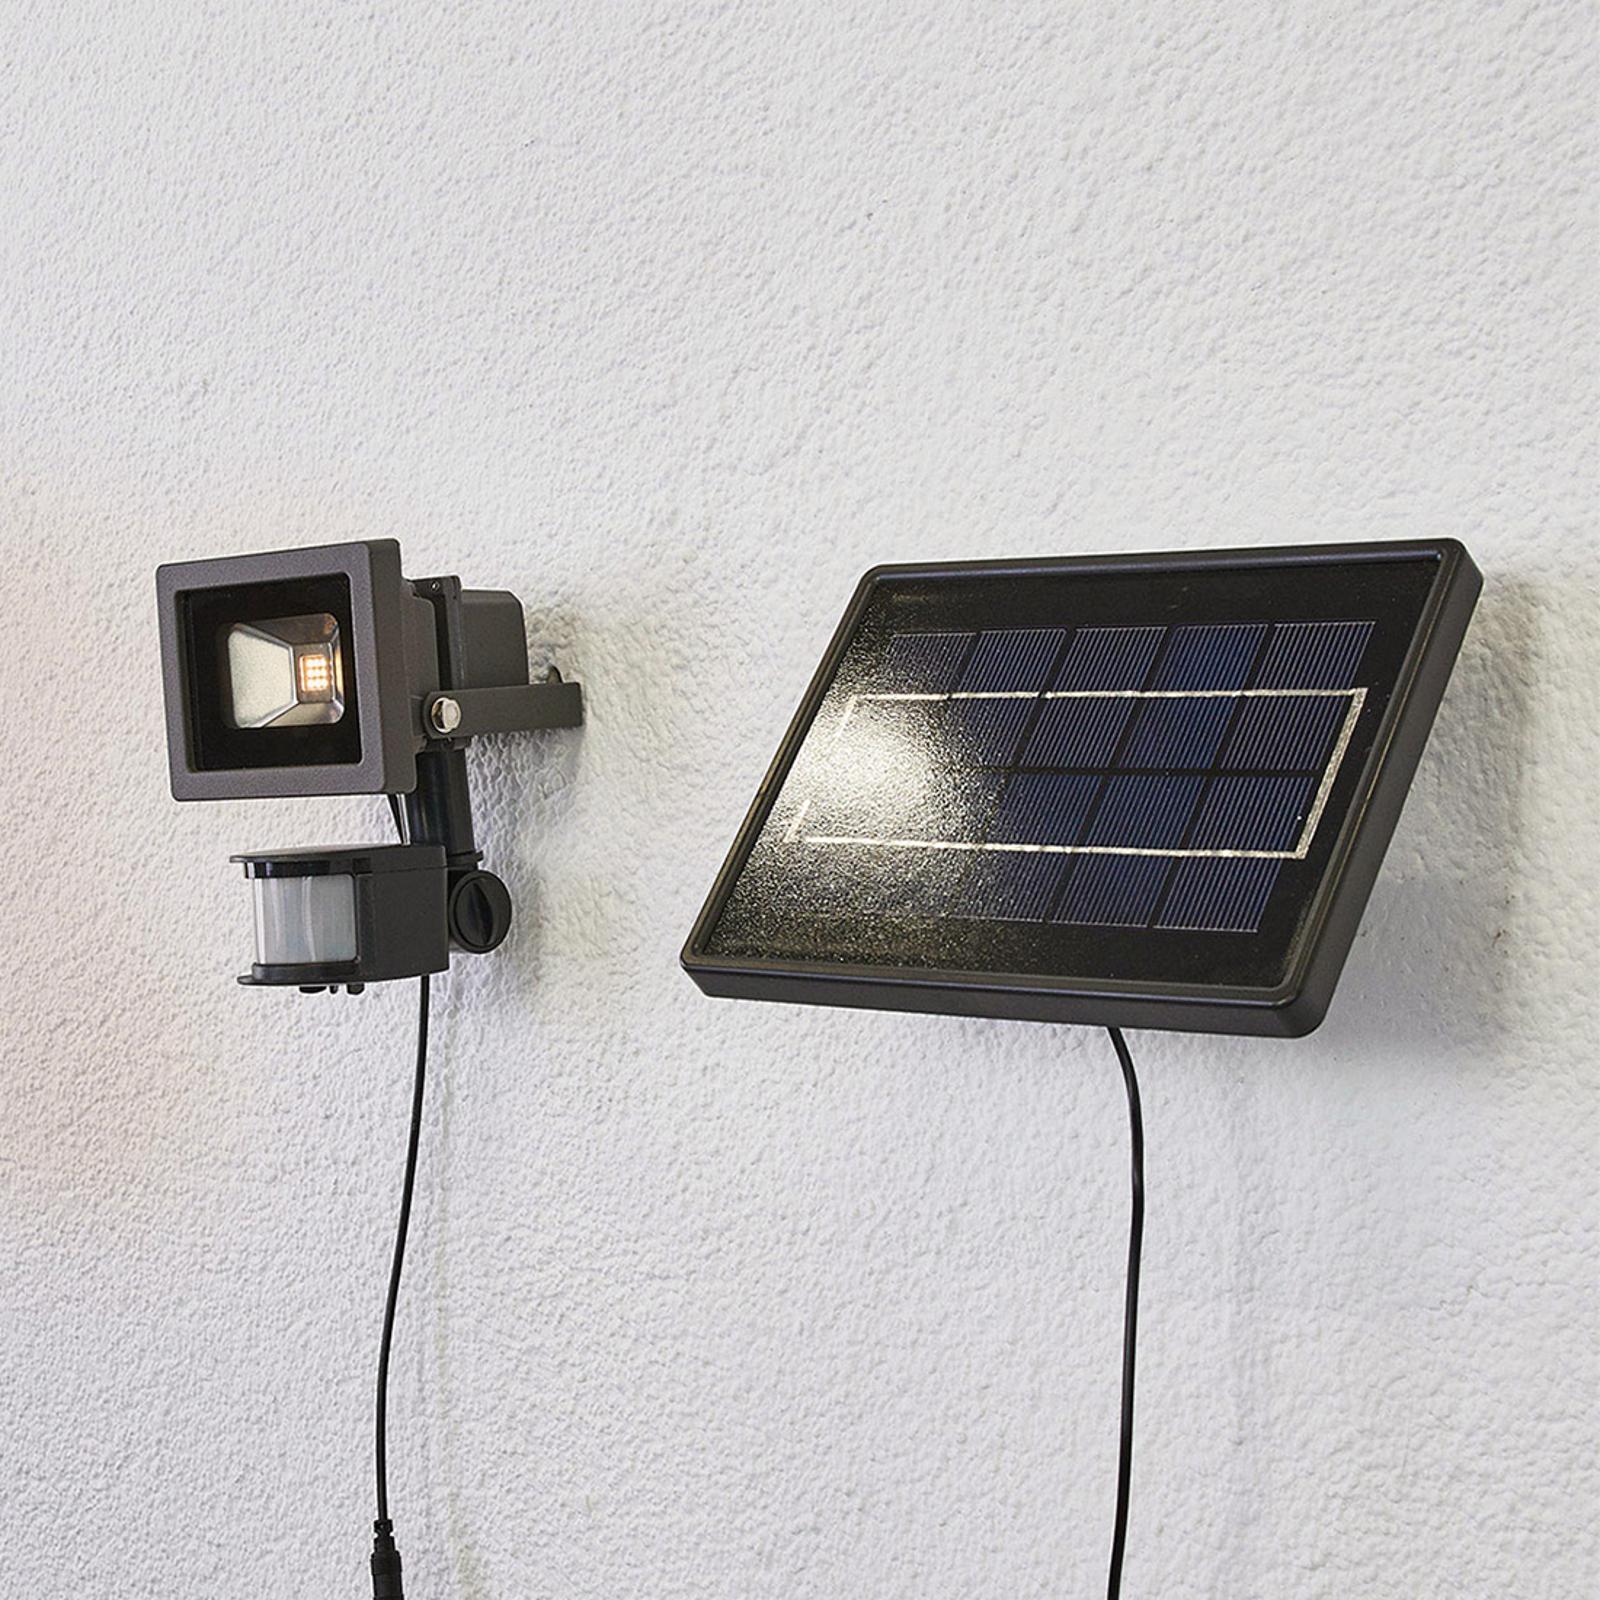 Solar-LED-Wandlampe Joelina m. separatem Panel